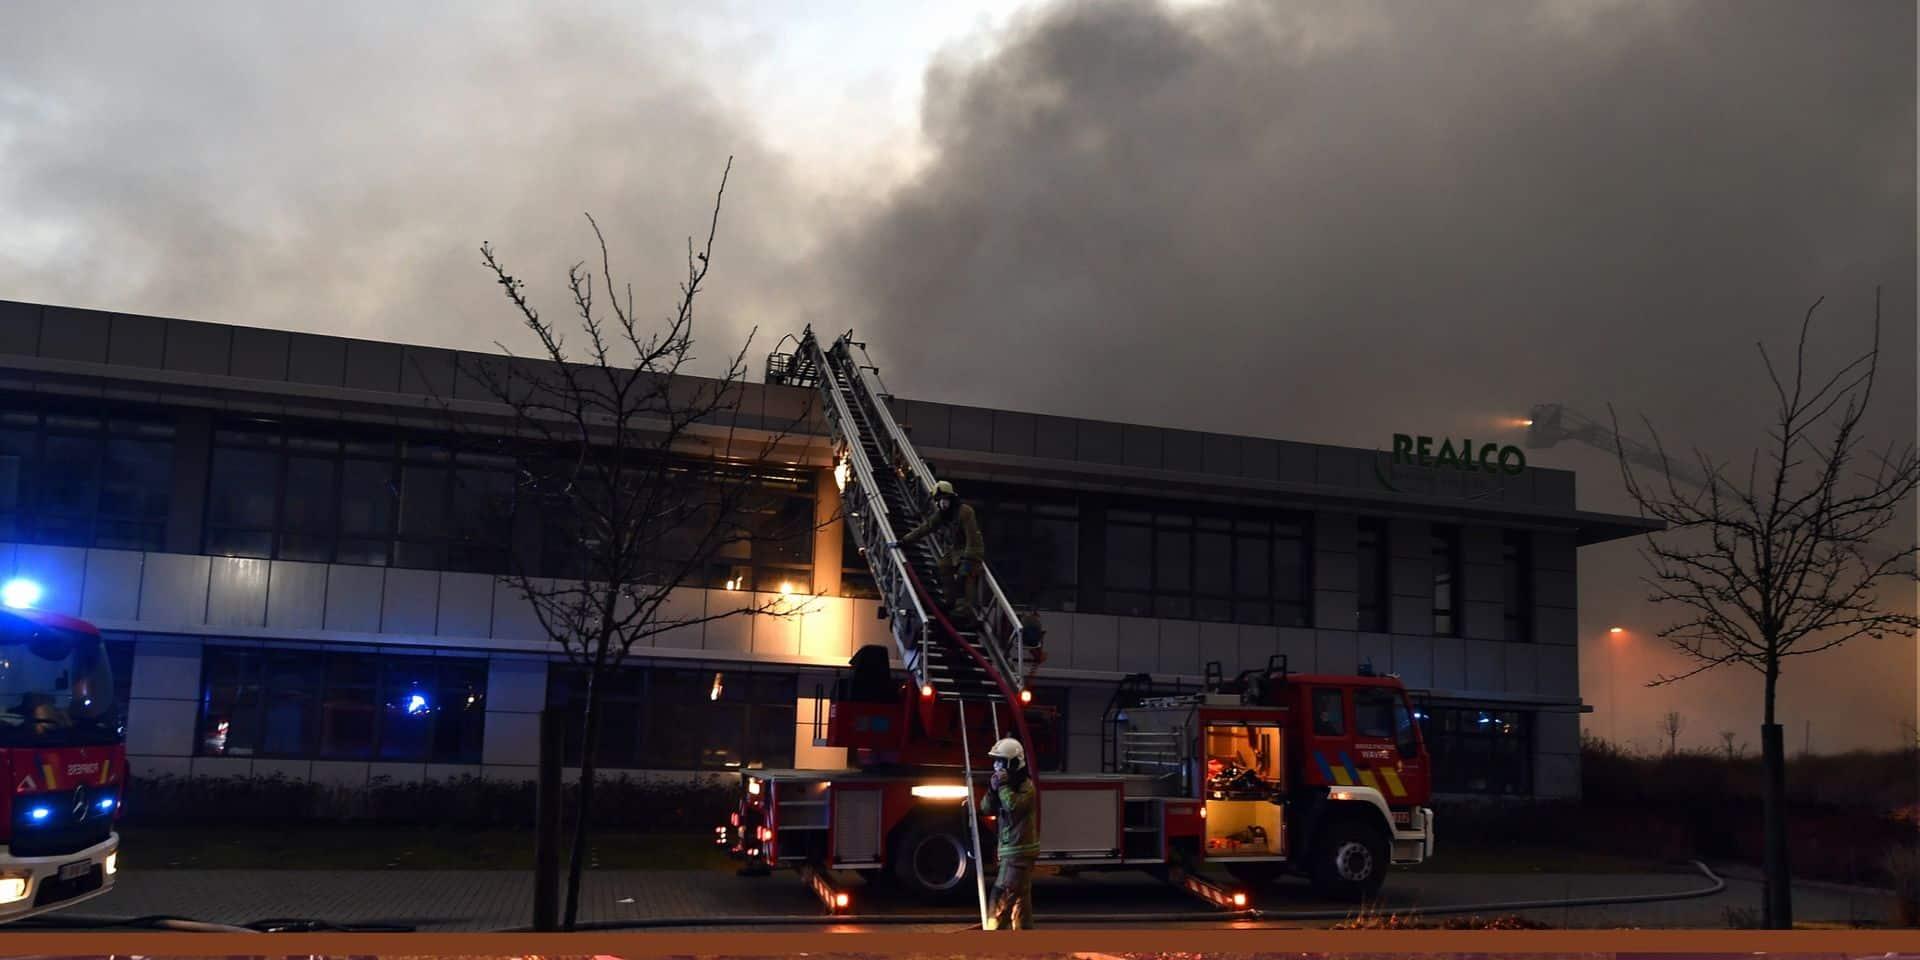 La SRIW au secours de Realco après l'incendie que l'entreprise louvaniste a subi